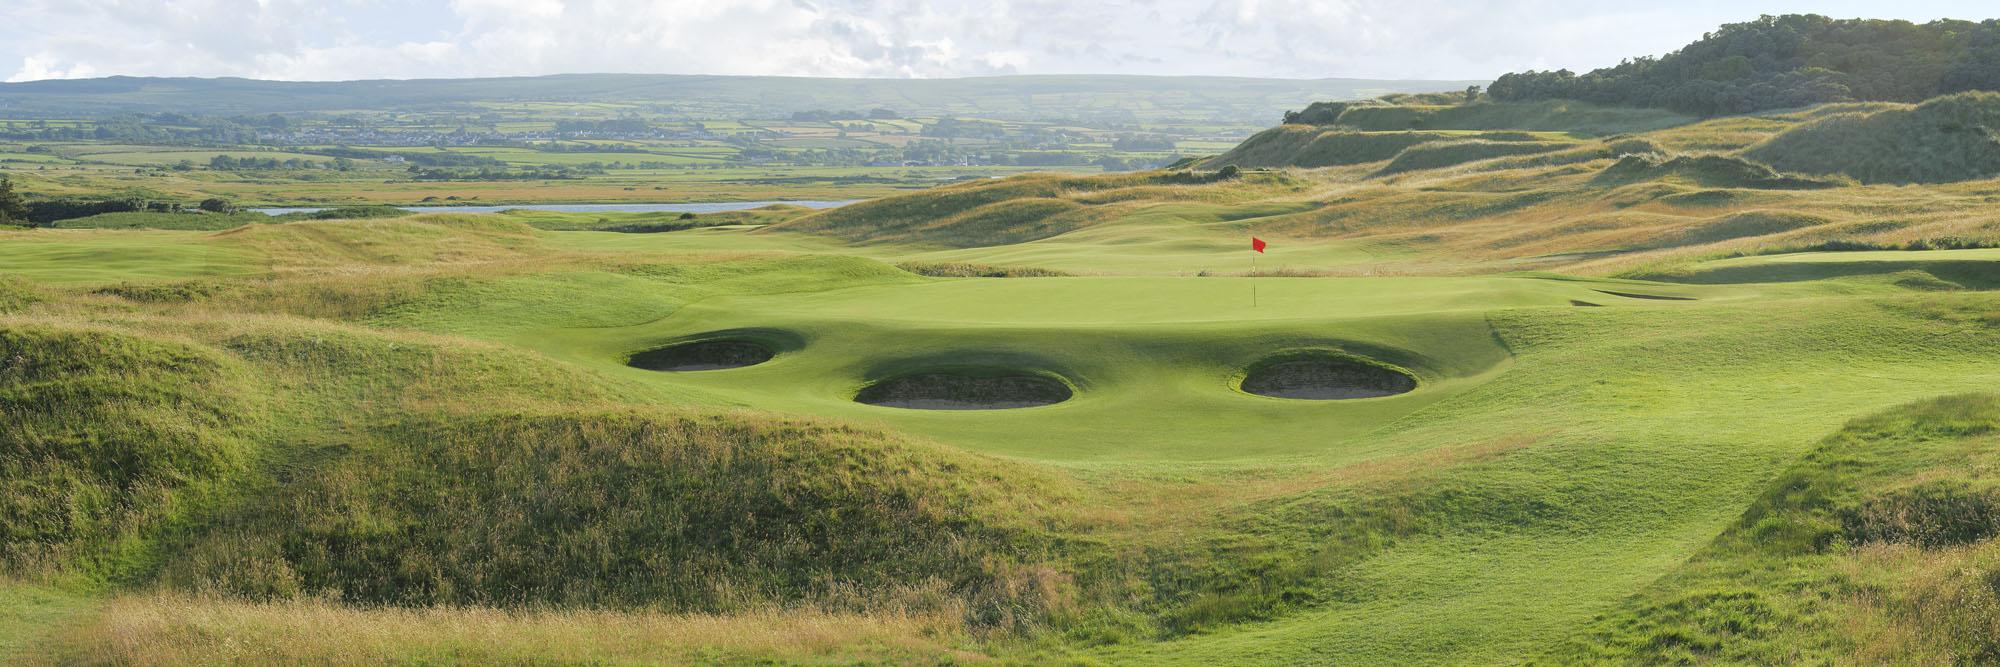 Golf Course Image - Portstewart No. 15